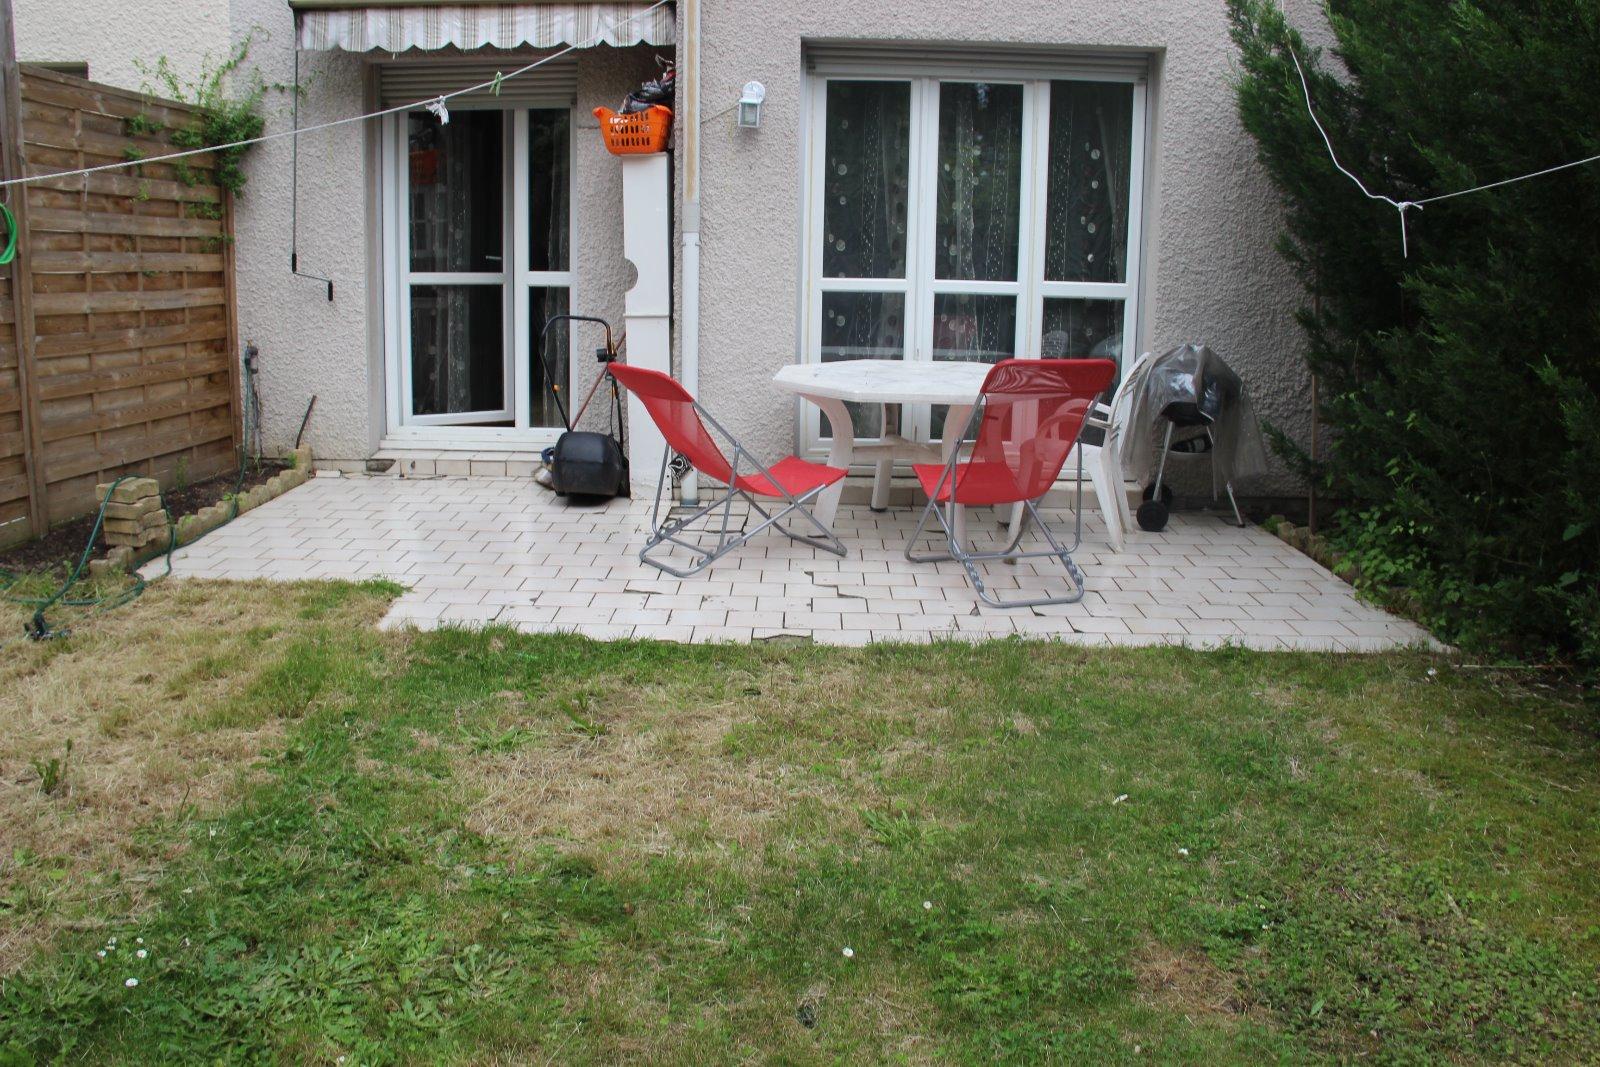 Vente quartier hautes varennes boissy st l ger maison 4 chambres - Vente de garage varennes ...